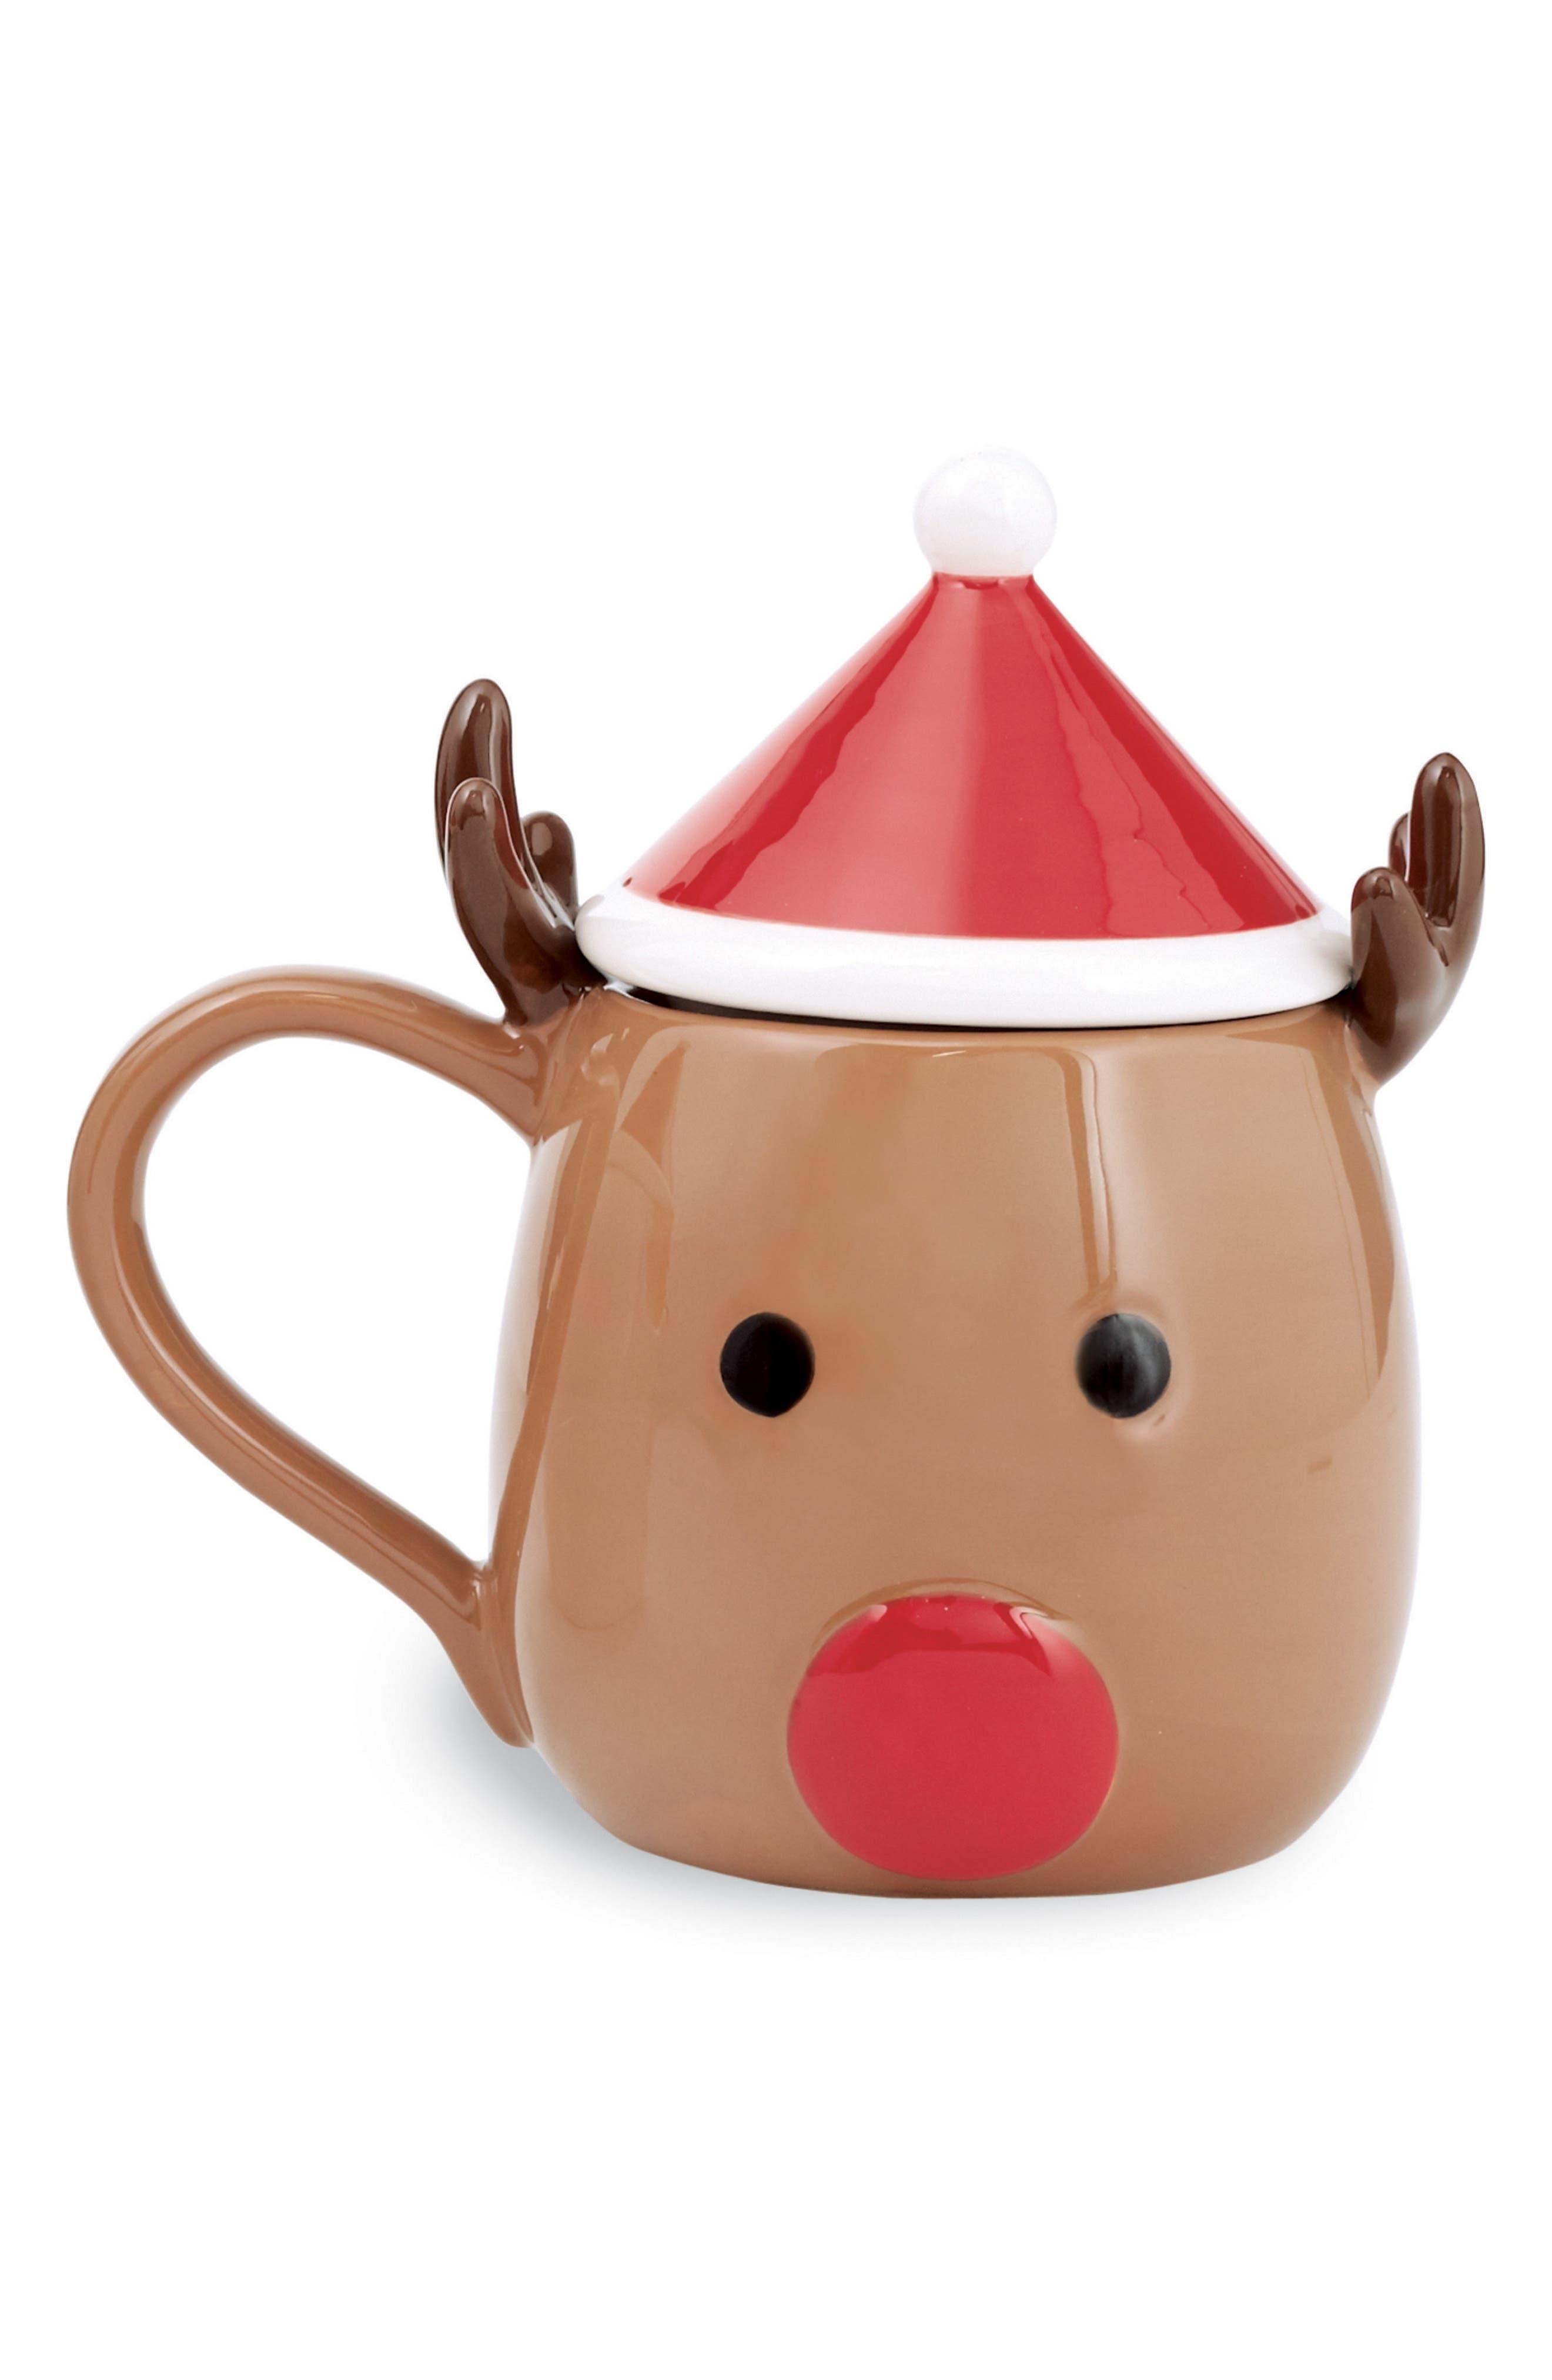 Alternate Image 1 Selected - Mud Pie Reindeer Ceramic Mug & Lid